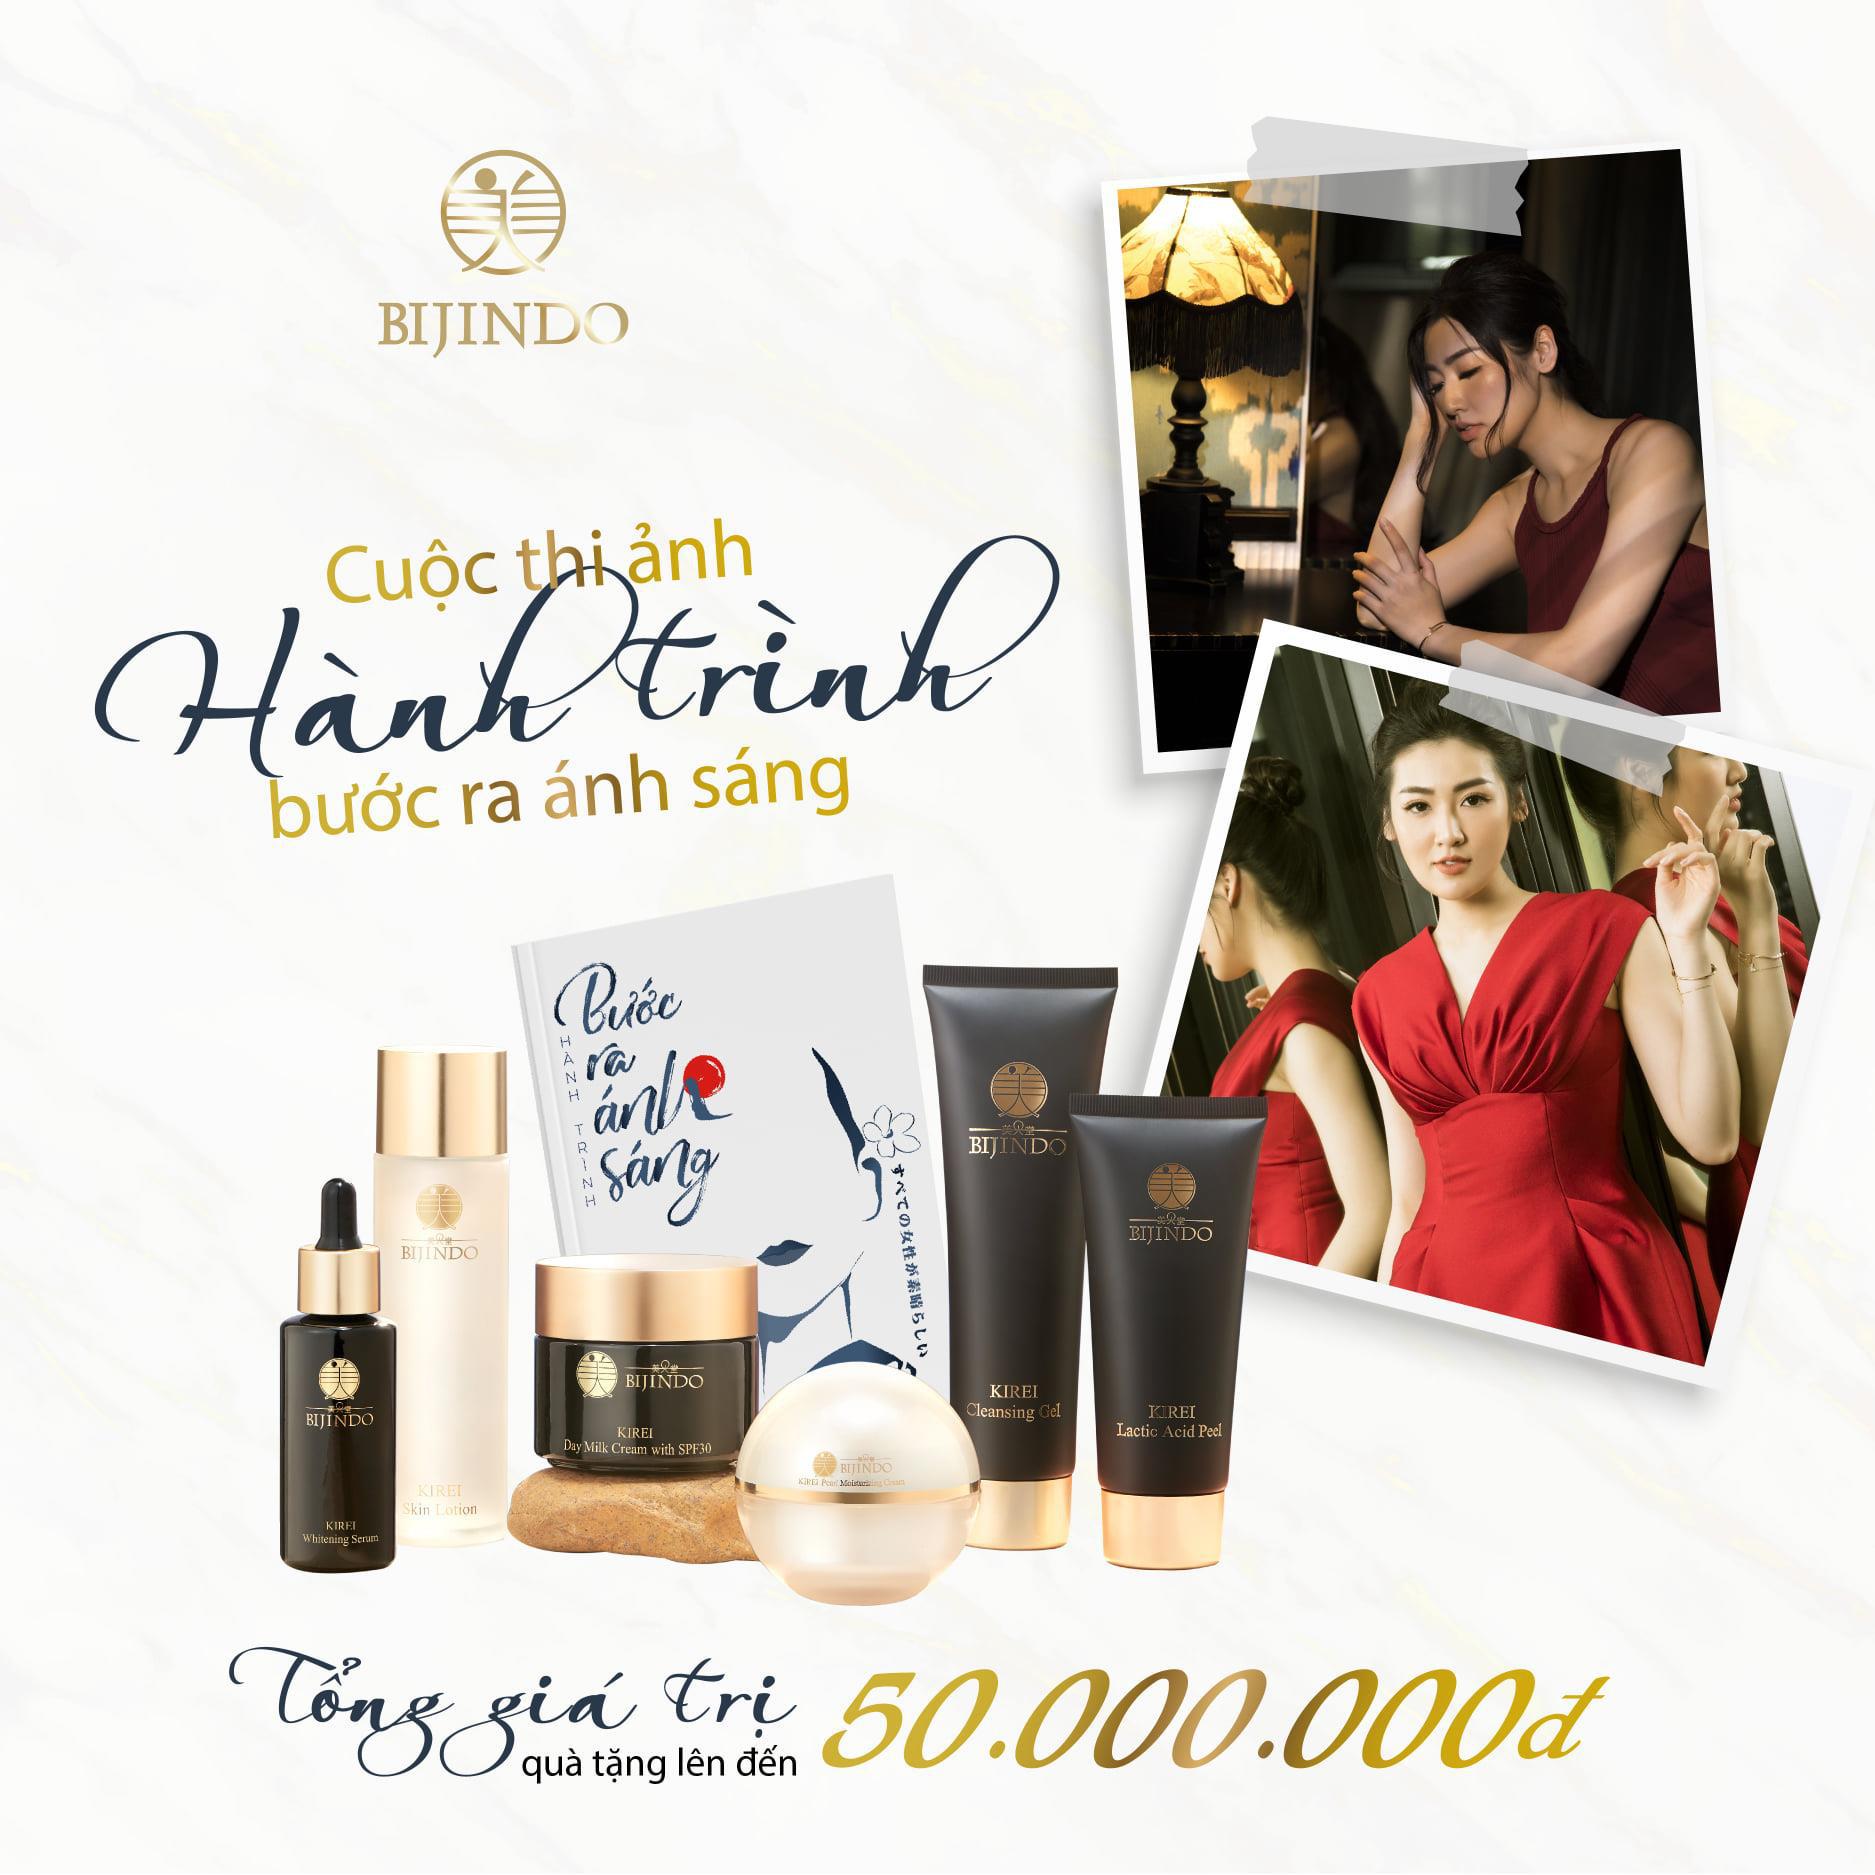 Bijindo – thương hiệu mỹ phẩm Nhật Bản và hành trình khơi dậy tự tin cho hàng triệu người phụ nữ - Ảnh 1.